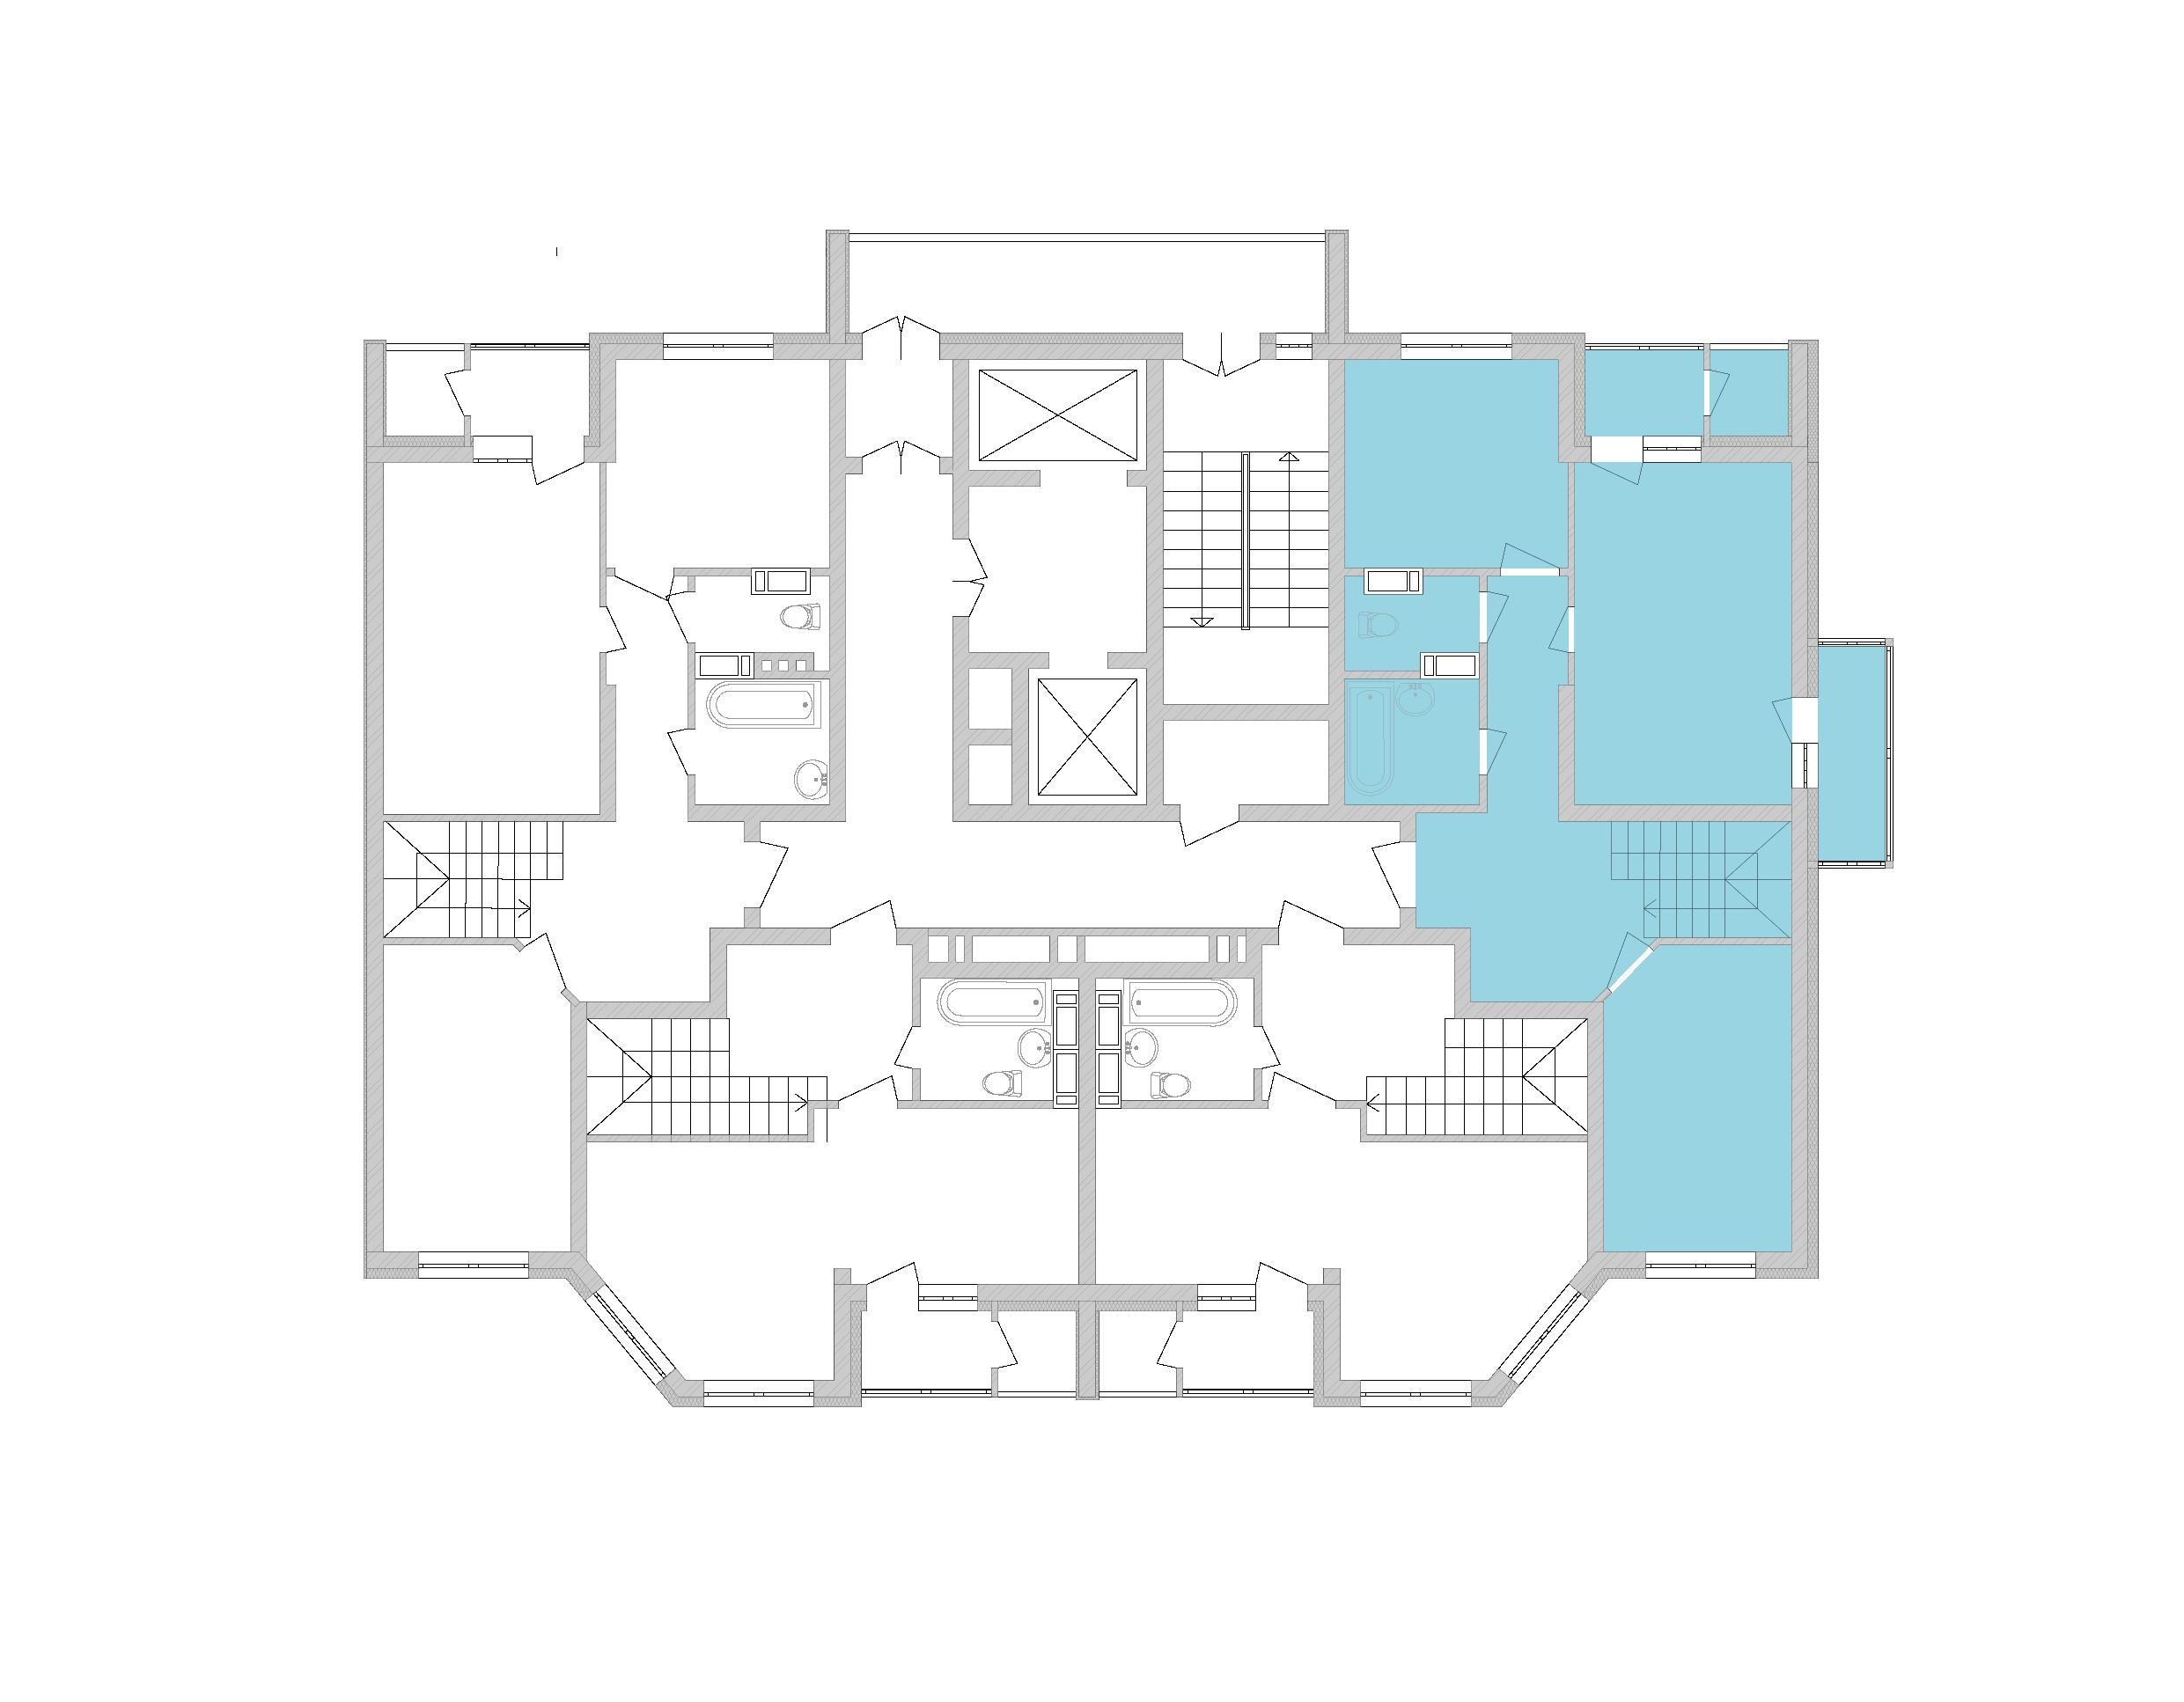 Дворівнева квартира 94,38 кв.м., тип П1, будинок 2, секція 5 розташування на поверсі